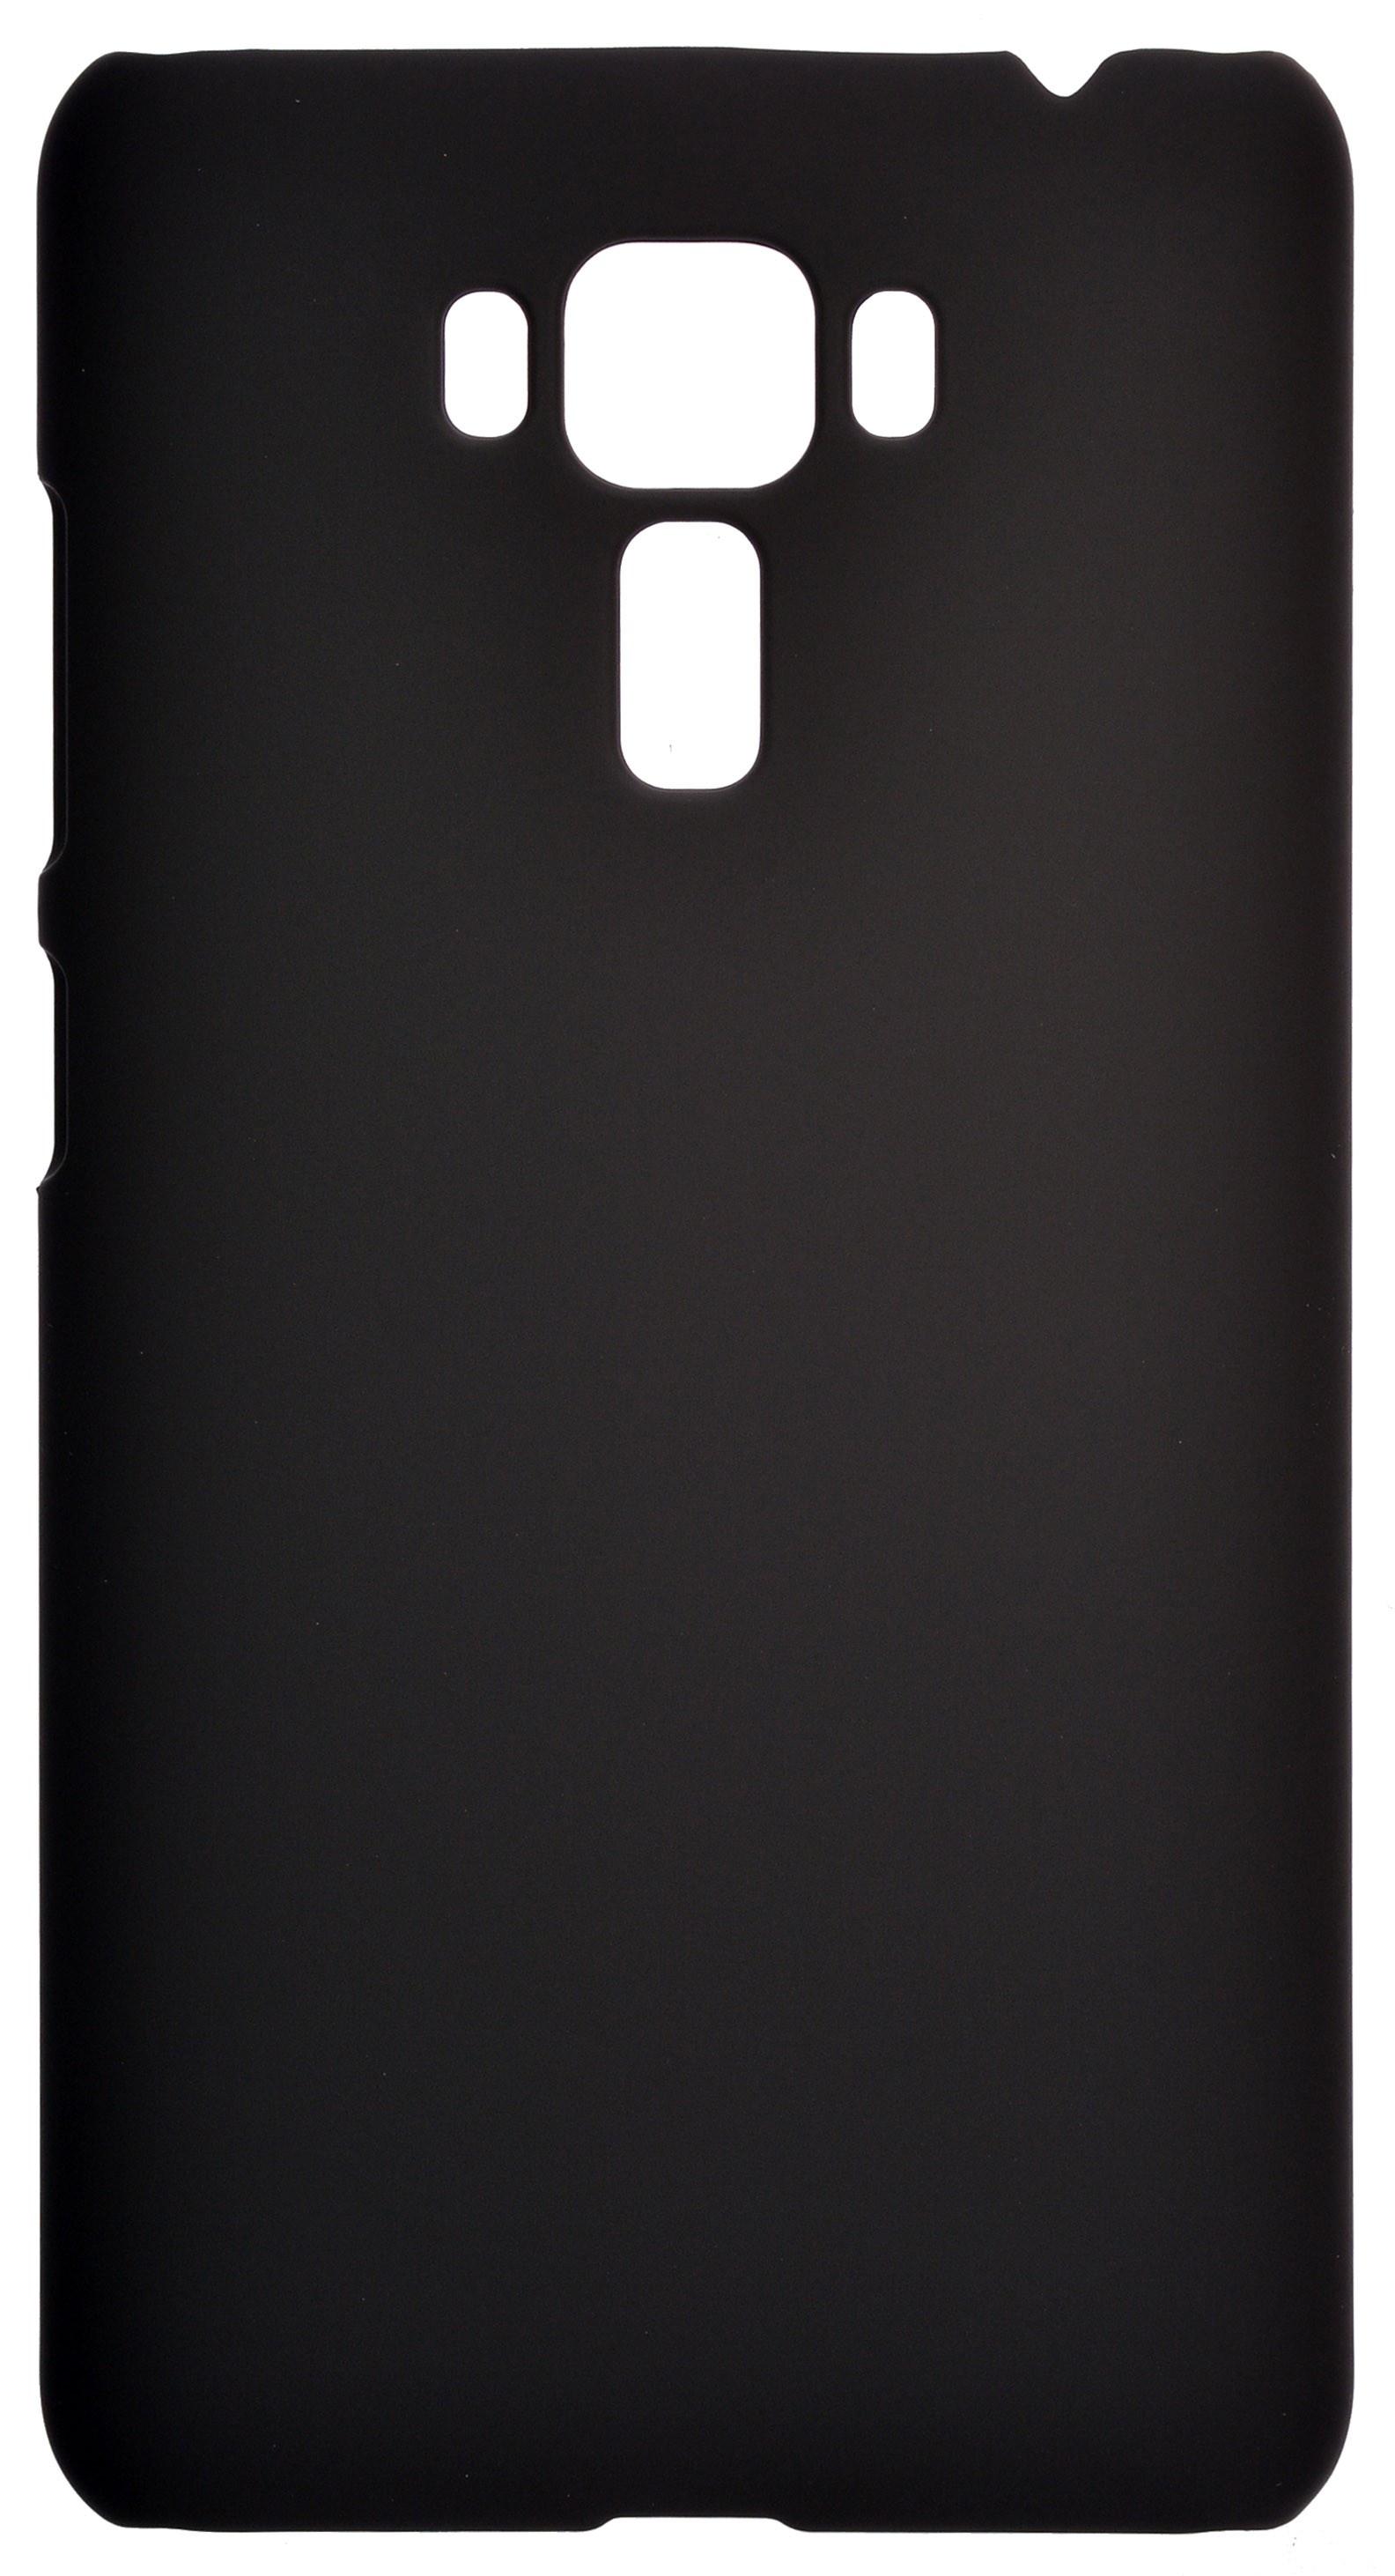 Чехол для сотового телефона skinBOX 4People, 4630042528437, черный чехол skinbox для zte blade a465 2000000092881 черный